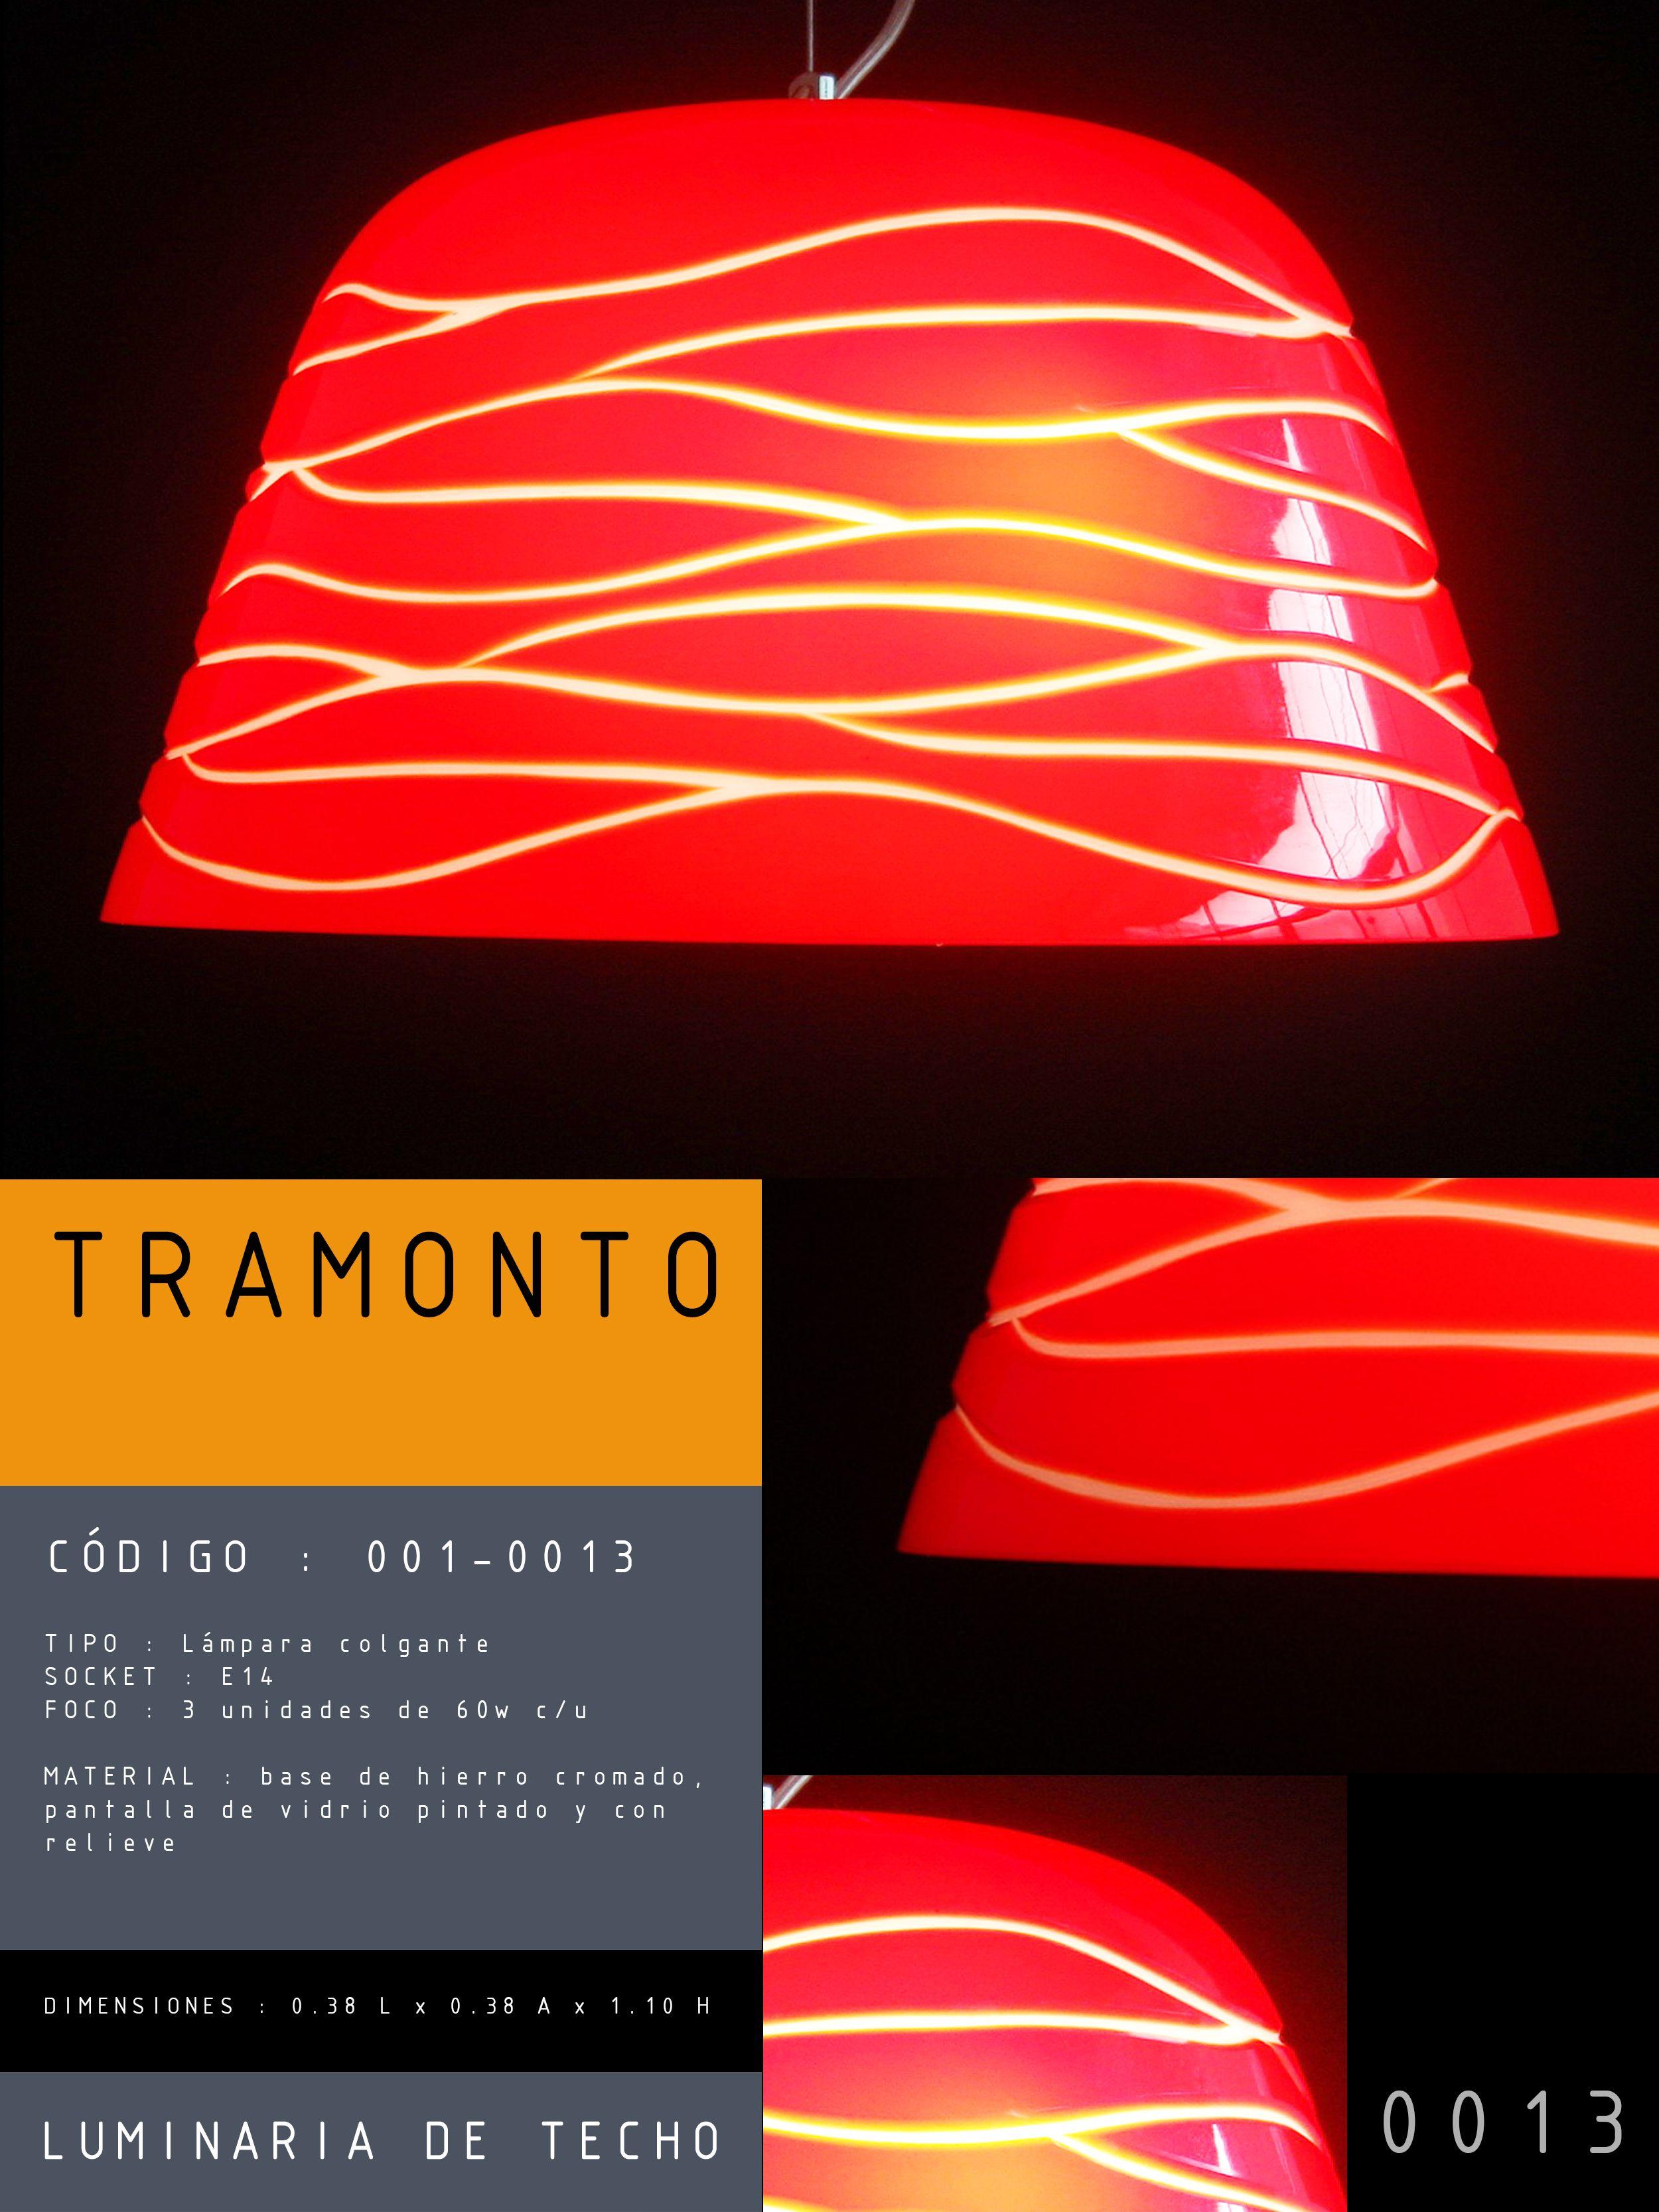 Luminaria de techo modelo TRAMONTO CÓDIGO : 001-0012 TIPO : Lámpara colgante SOCKET : E27  FOCO : 1 unidad de 60w c/u MATERIAL : Vidrio DIMENSIONES : 0.22 L x 0.22 A x 1.10 H